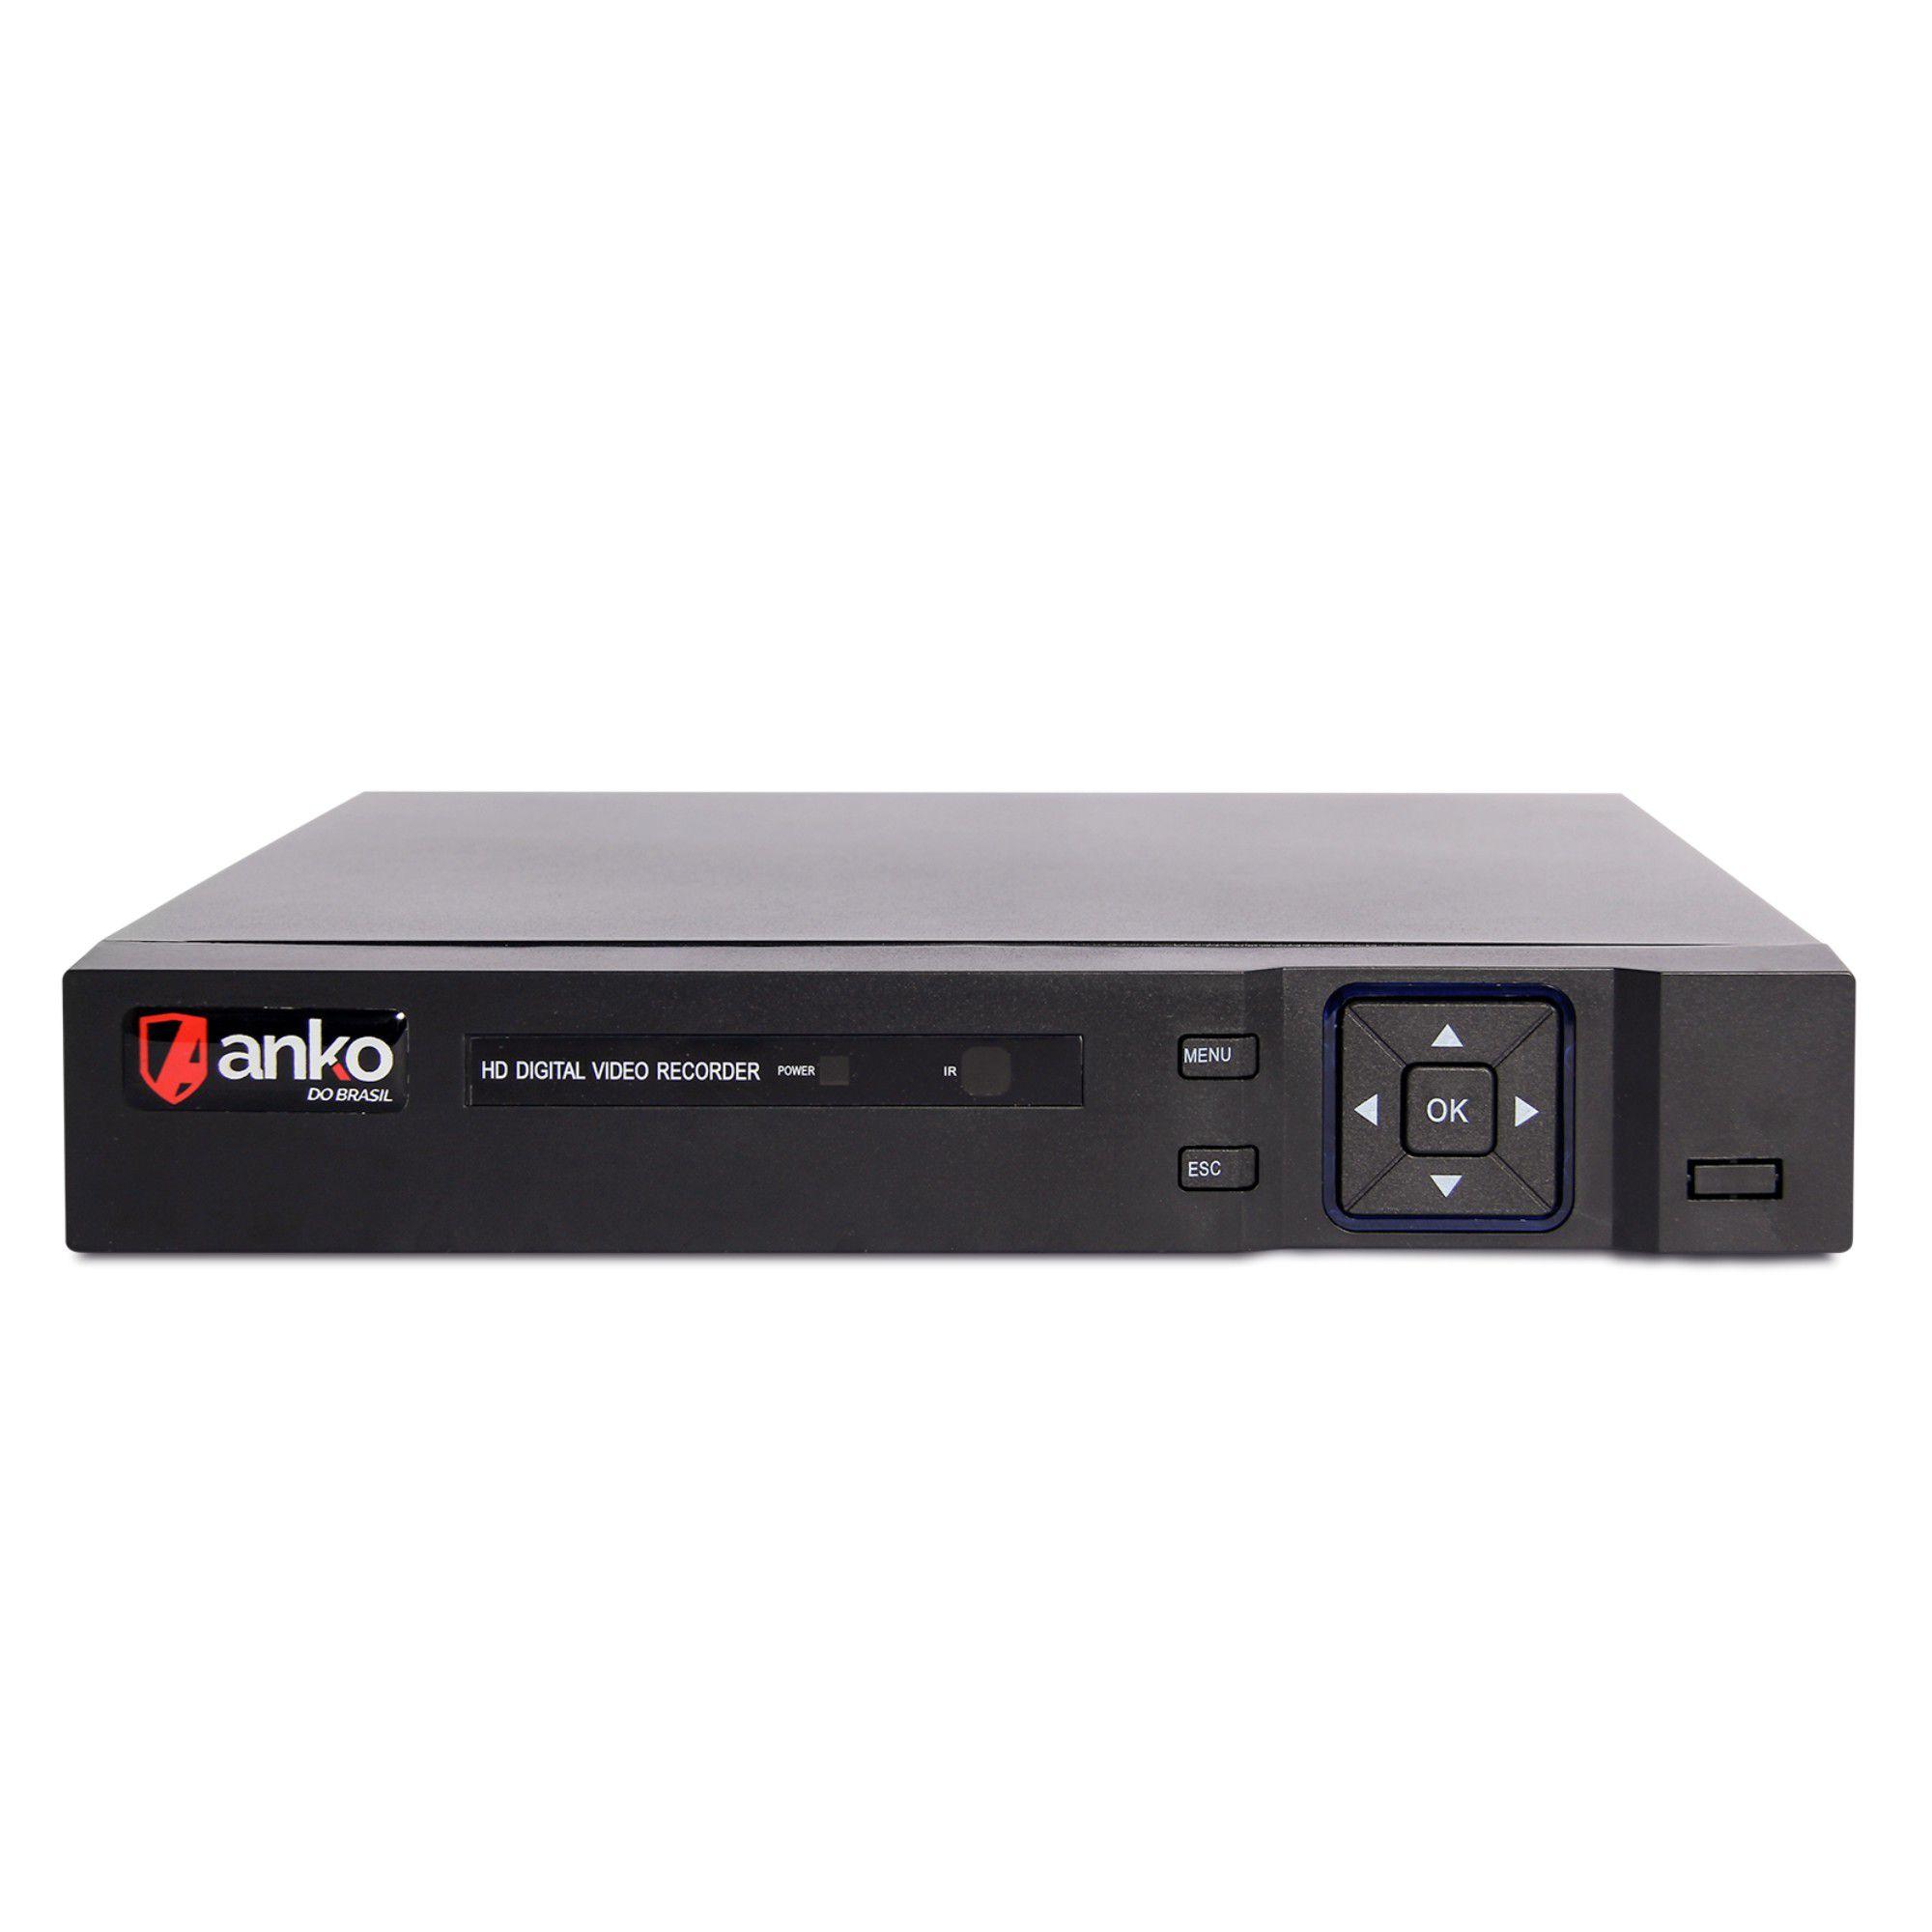 Kit CFTV Anko Completo 4 Câmeras AHD 720p DVR 8 Canais